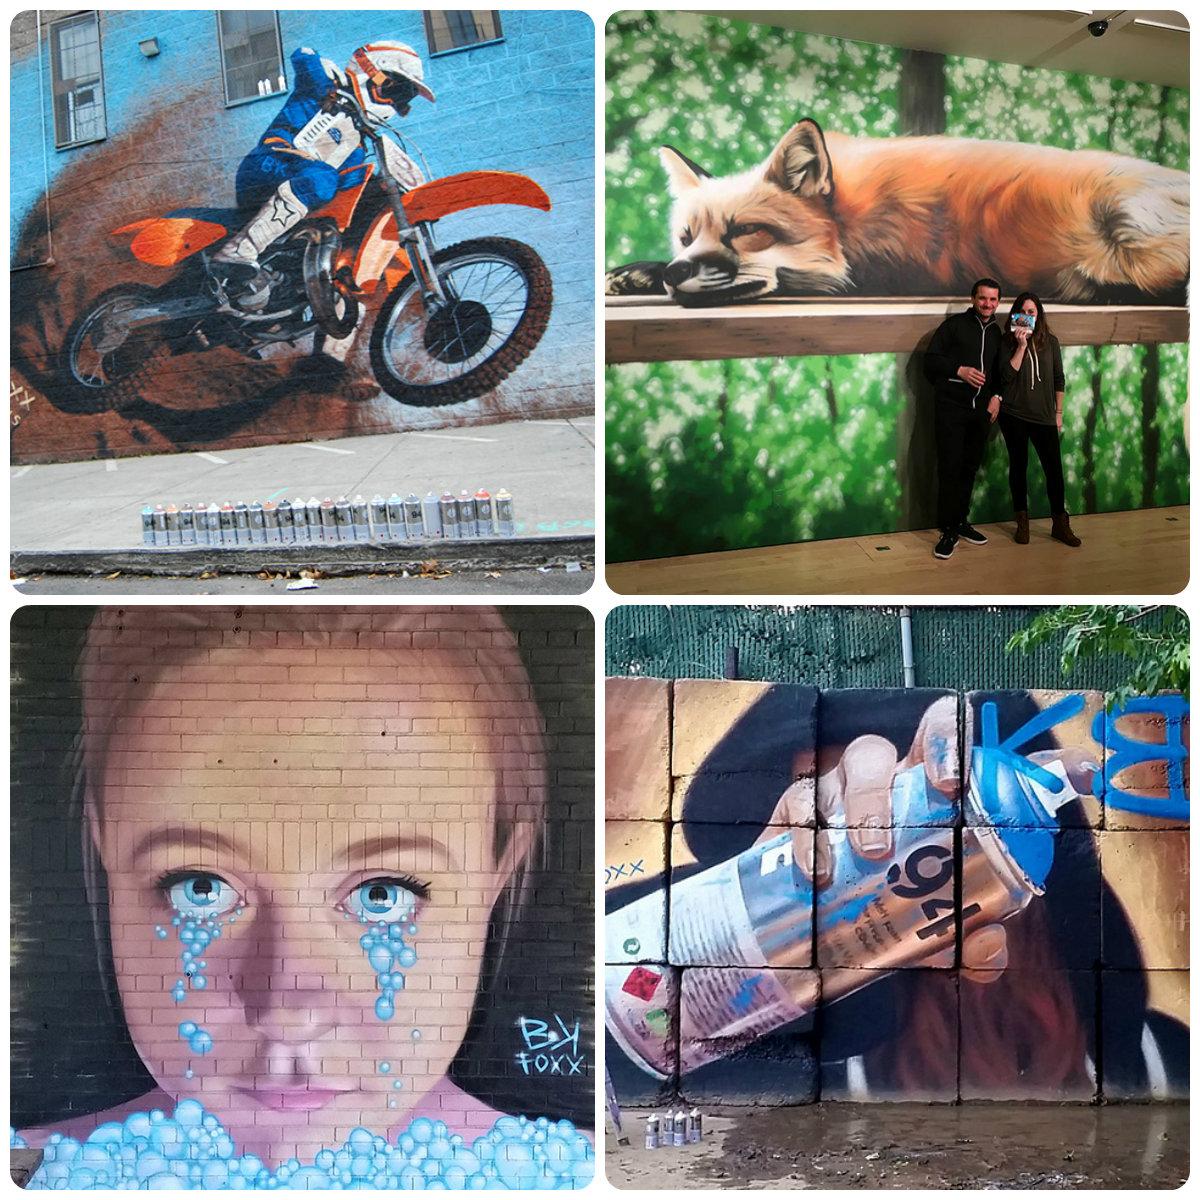 Работы художницы BKFoxx считаются одними из лучших в уличном изобразительном искусстве